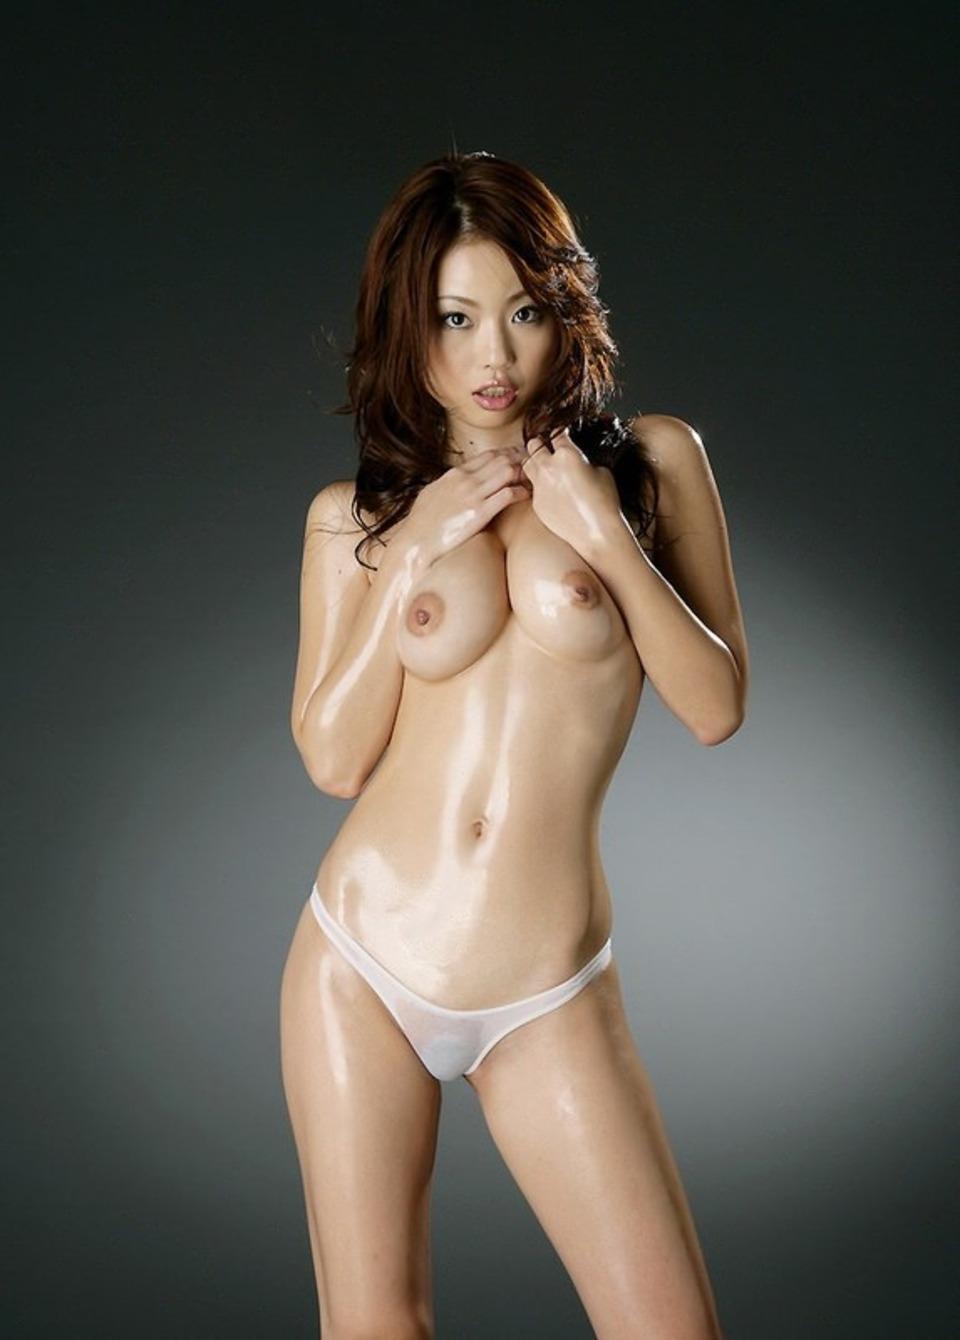 三次元 3次元 エロ画像 AV女優 かすみりさ ヌード べっぴん娘通信 002